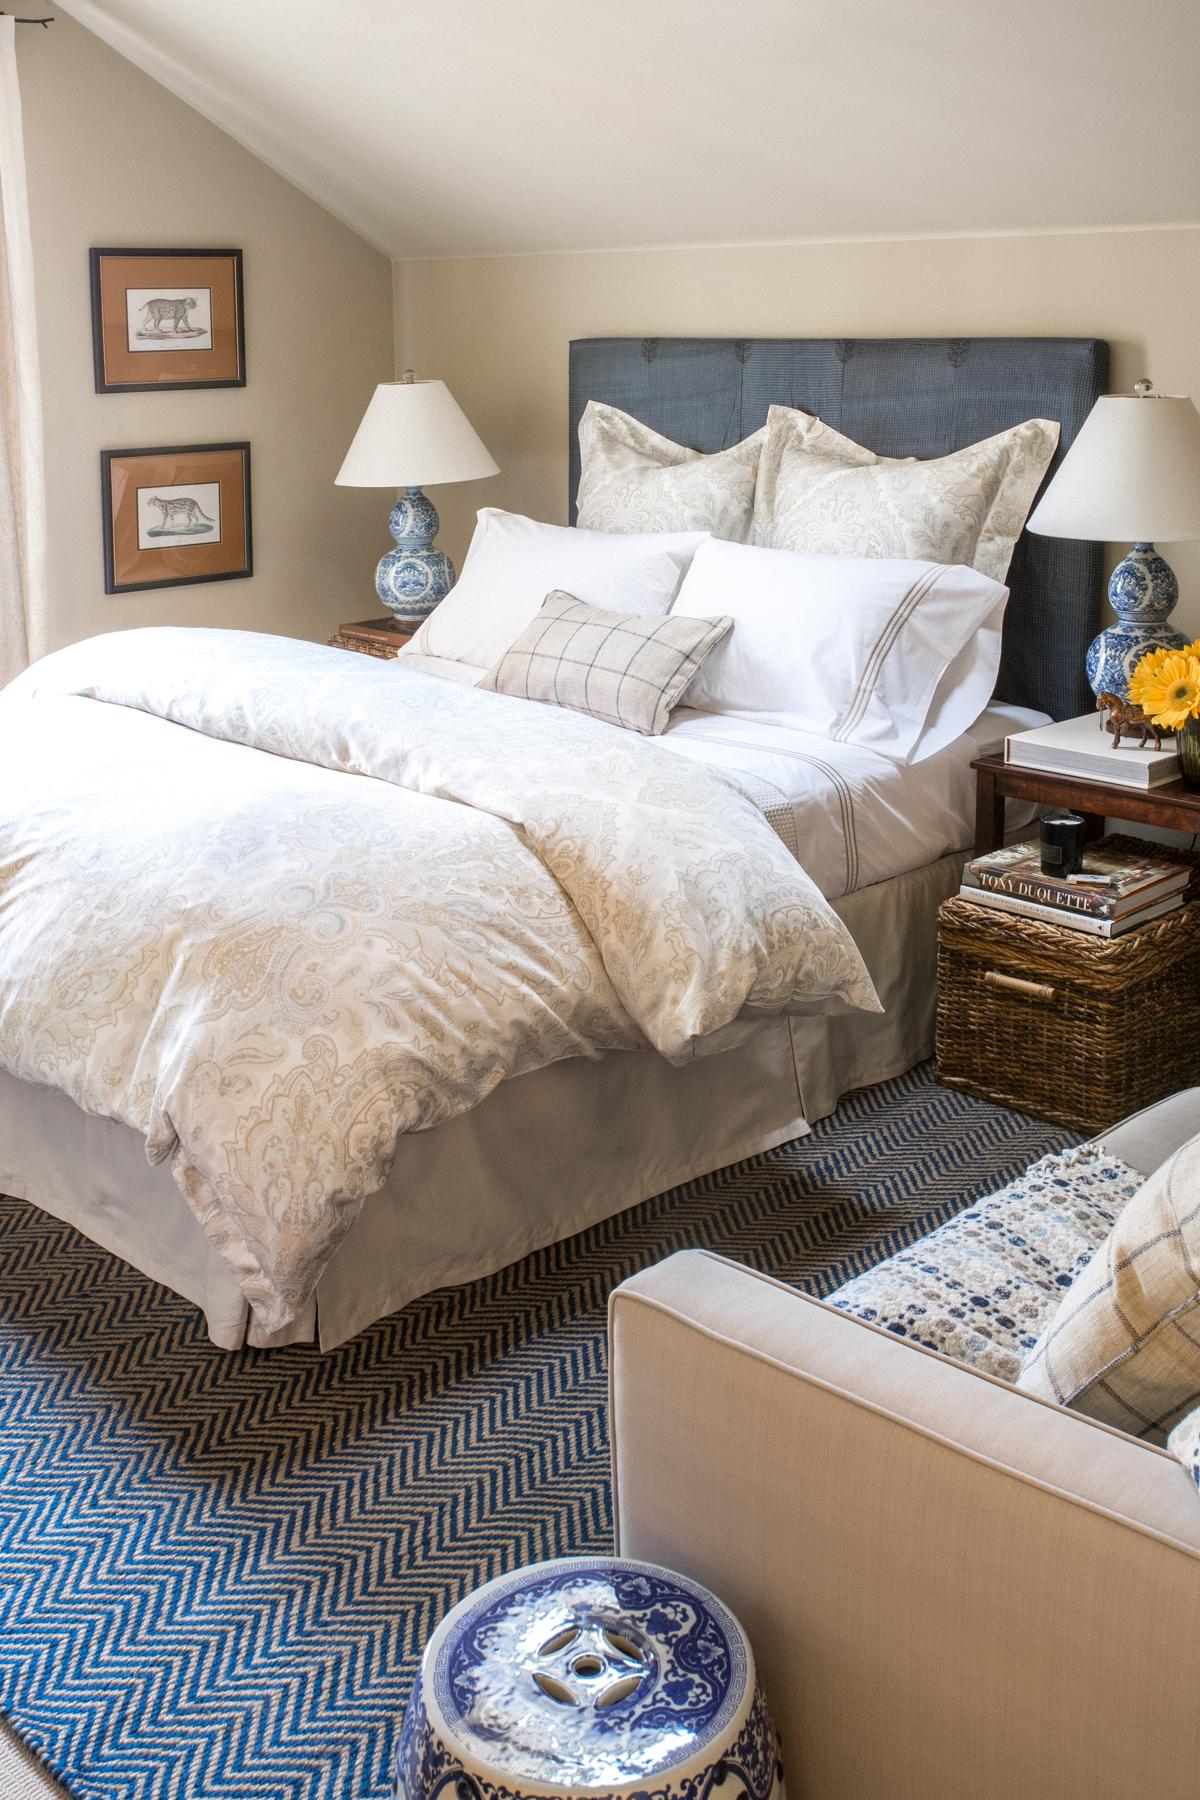 Stacie Flinner x Annie Selke Guest Room-1.jpg